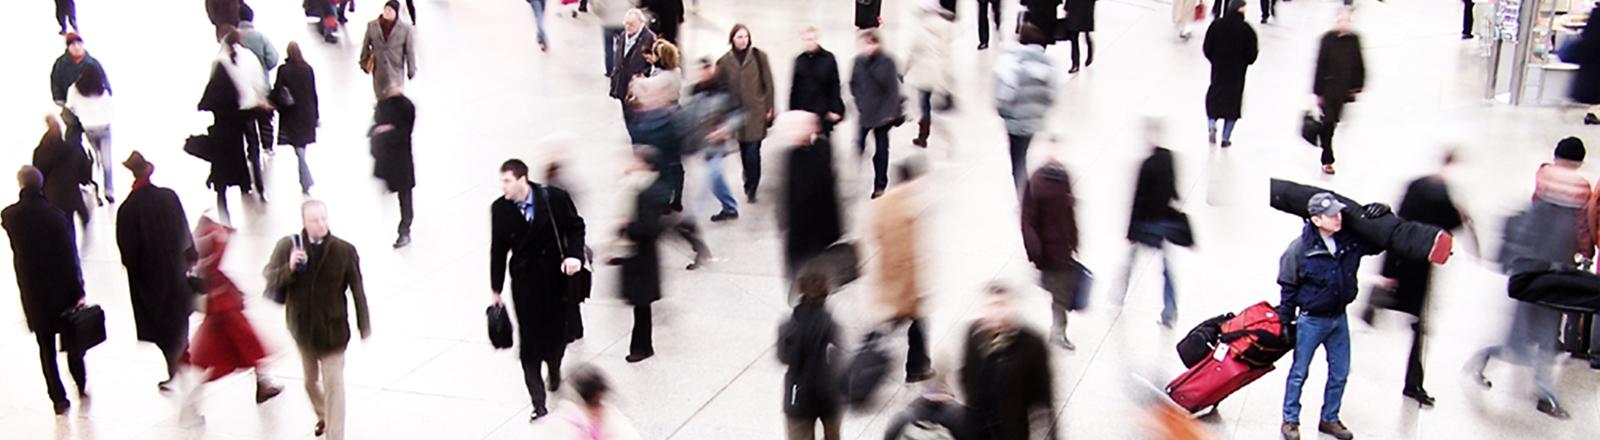 Viele Menschen, zum Teil unscharf fotografiert, von oben auf einem Platz. Crowd.